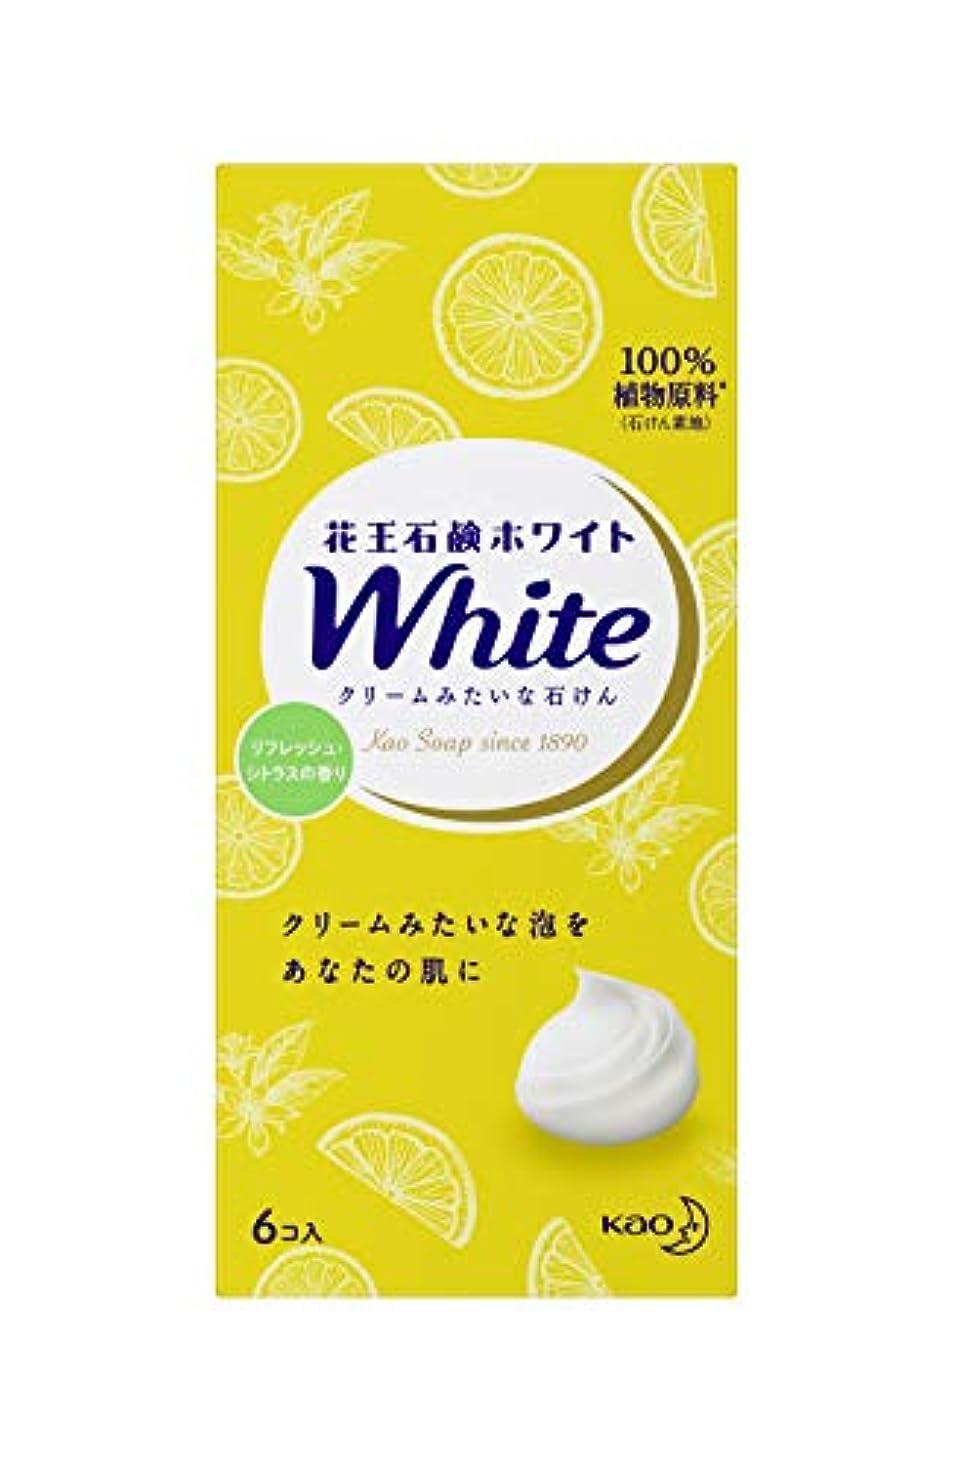 リーフレットコウモリ遅れ花王ホワイト リフレッシュシトラスの香り レギュラーサイズ6コ